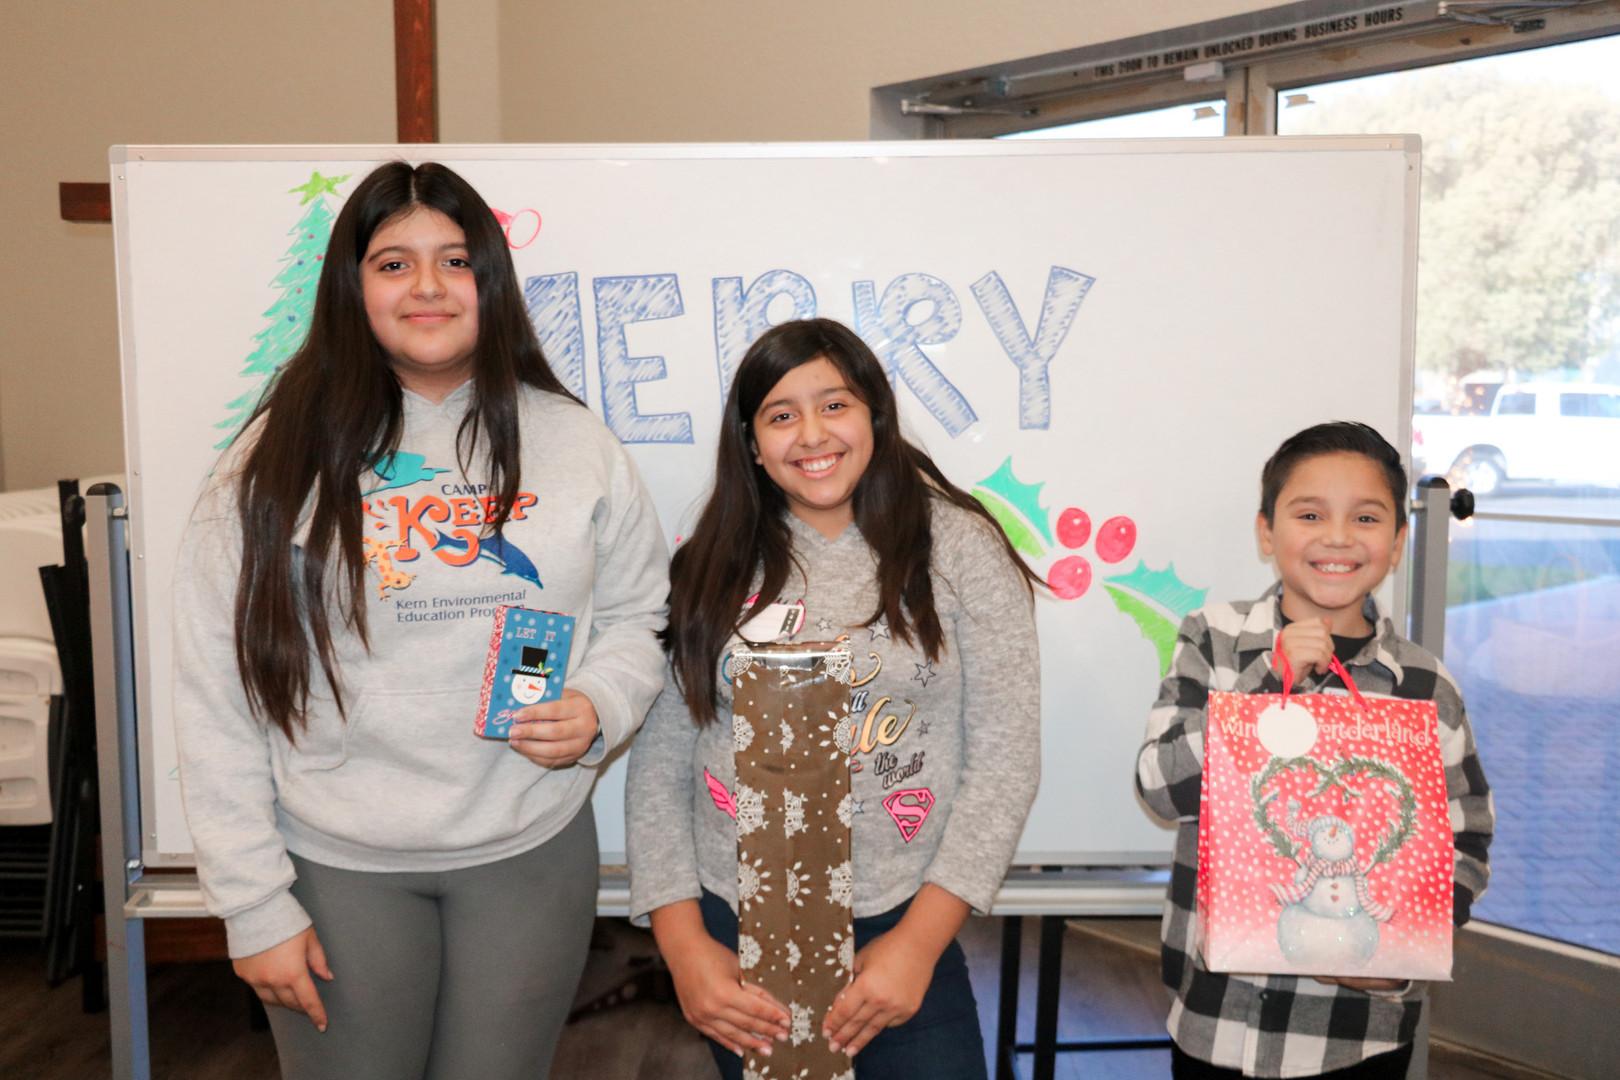 Kids winning prizes